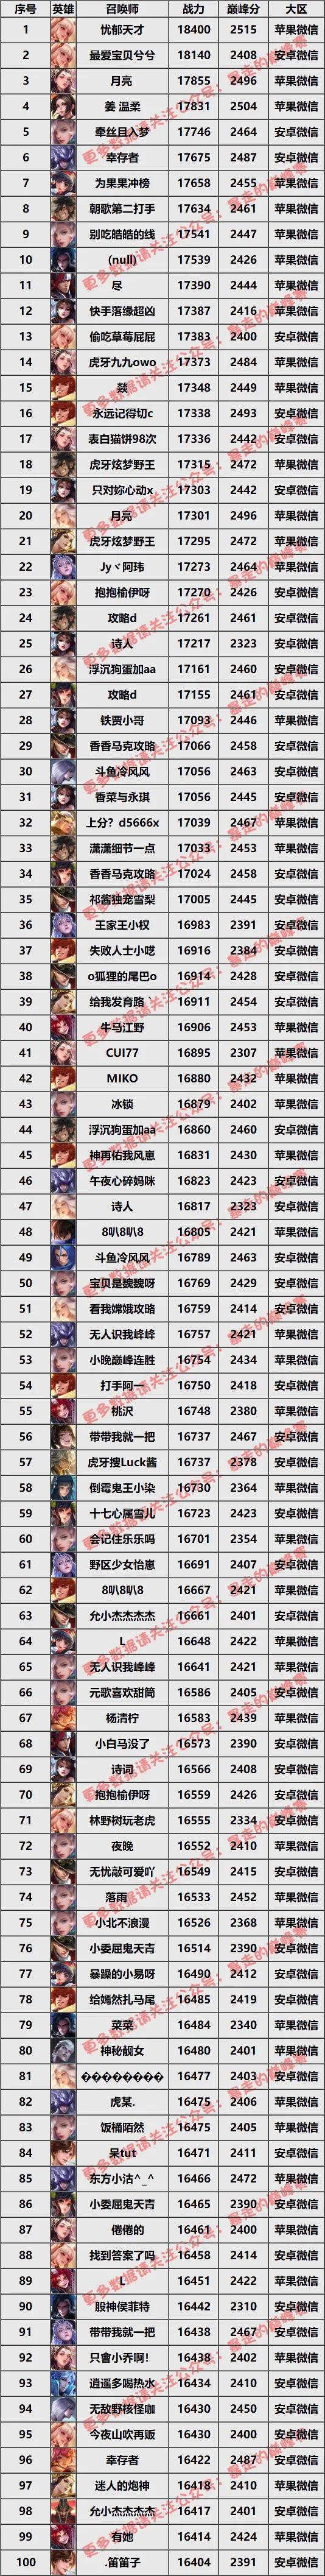 3.18全英雄战力排名:GK鹏鹏登顶第一,梦岚三大射手霸榜